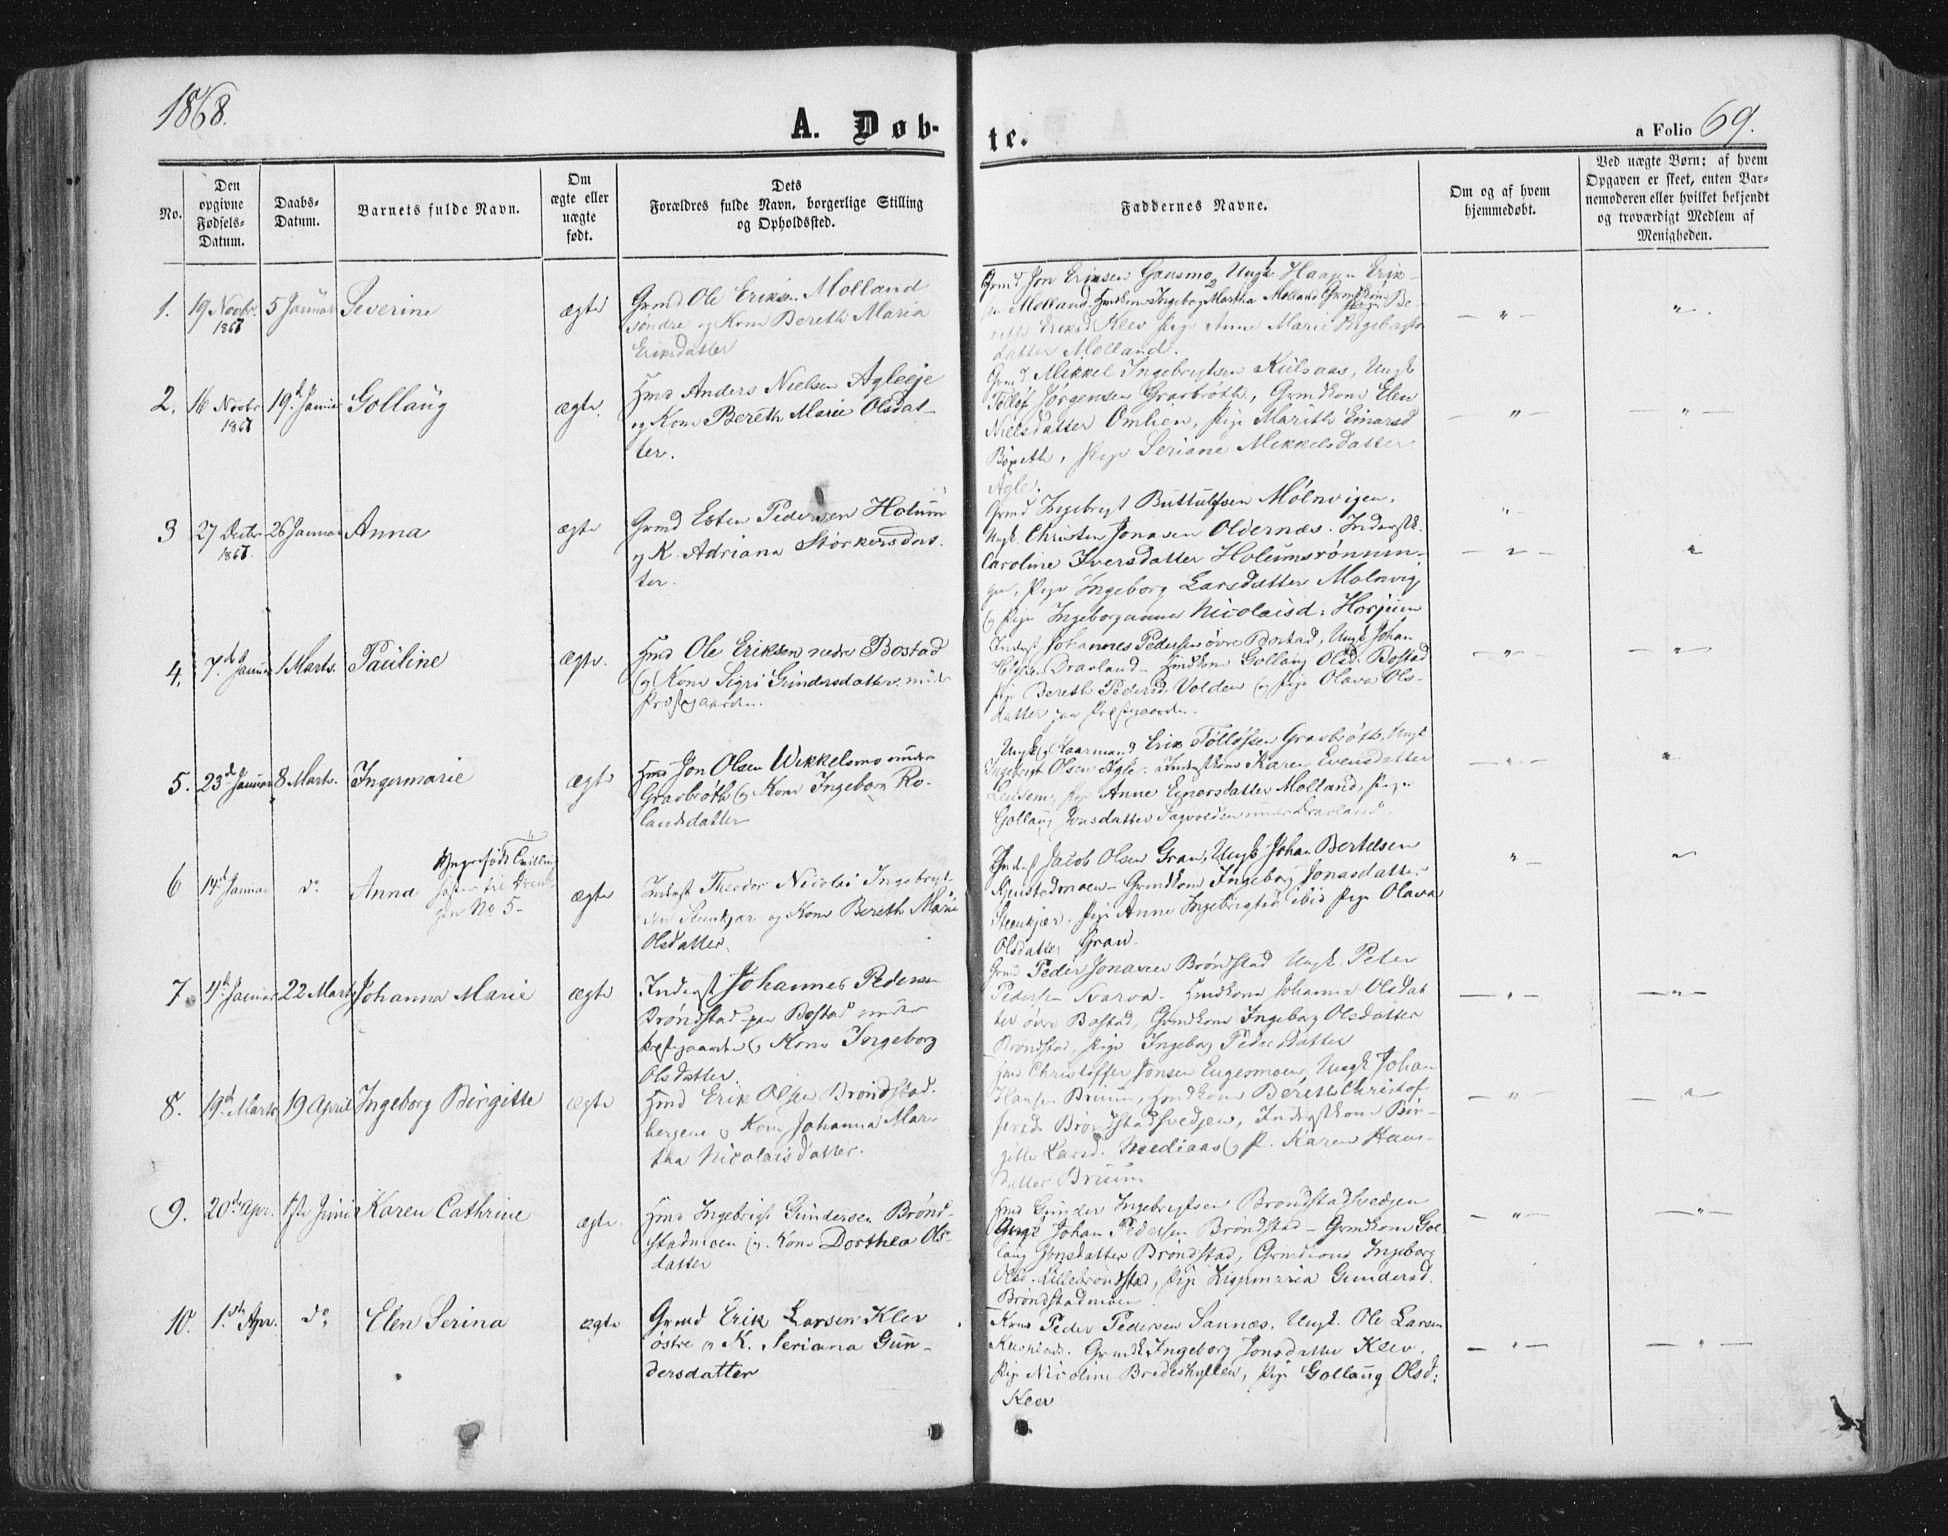 SAT, Ministerialprotokoller, klokkerbøker og fødselsregistre - Nord-Trøndelag, 749/L0472: Ministerialbok nr. 749A06, 1857-1873, s. 69